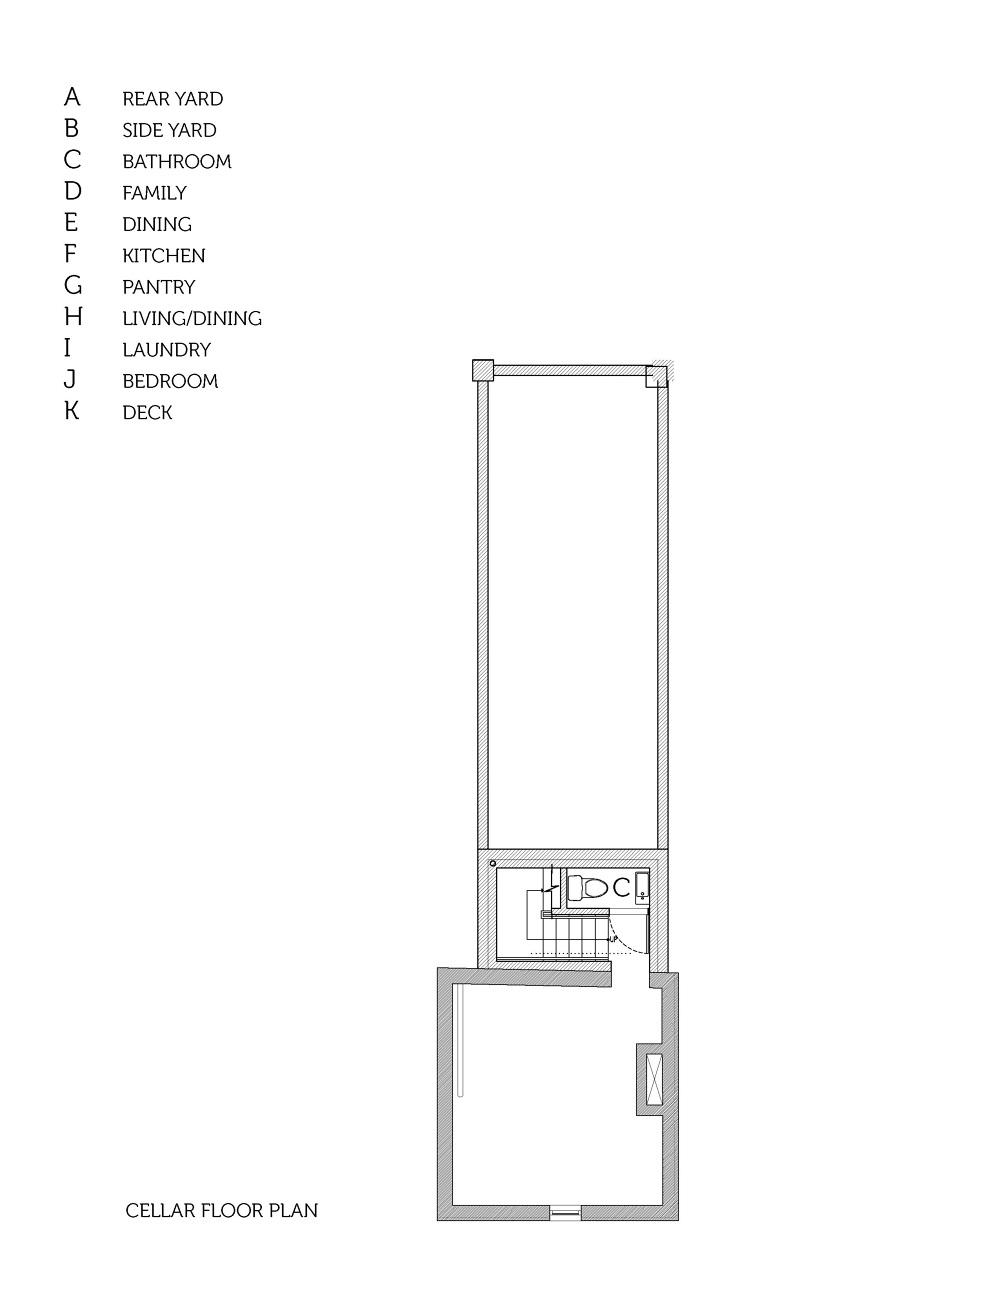 Cellar_1000.jpg